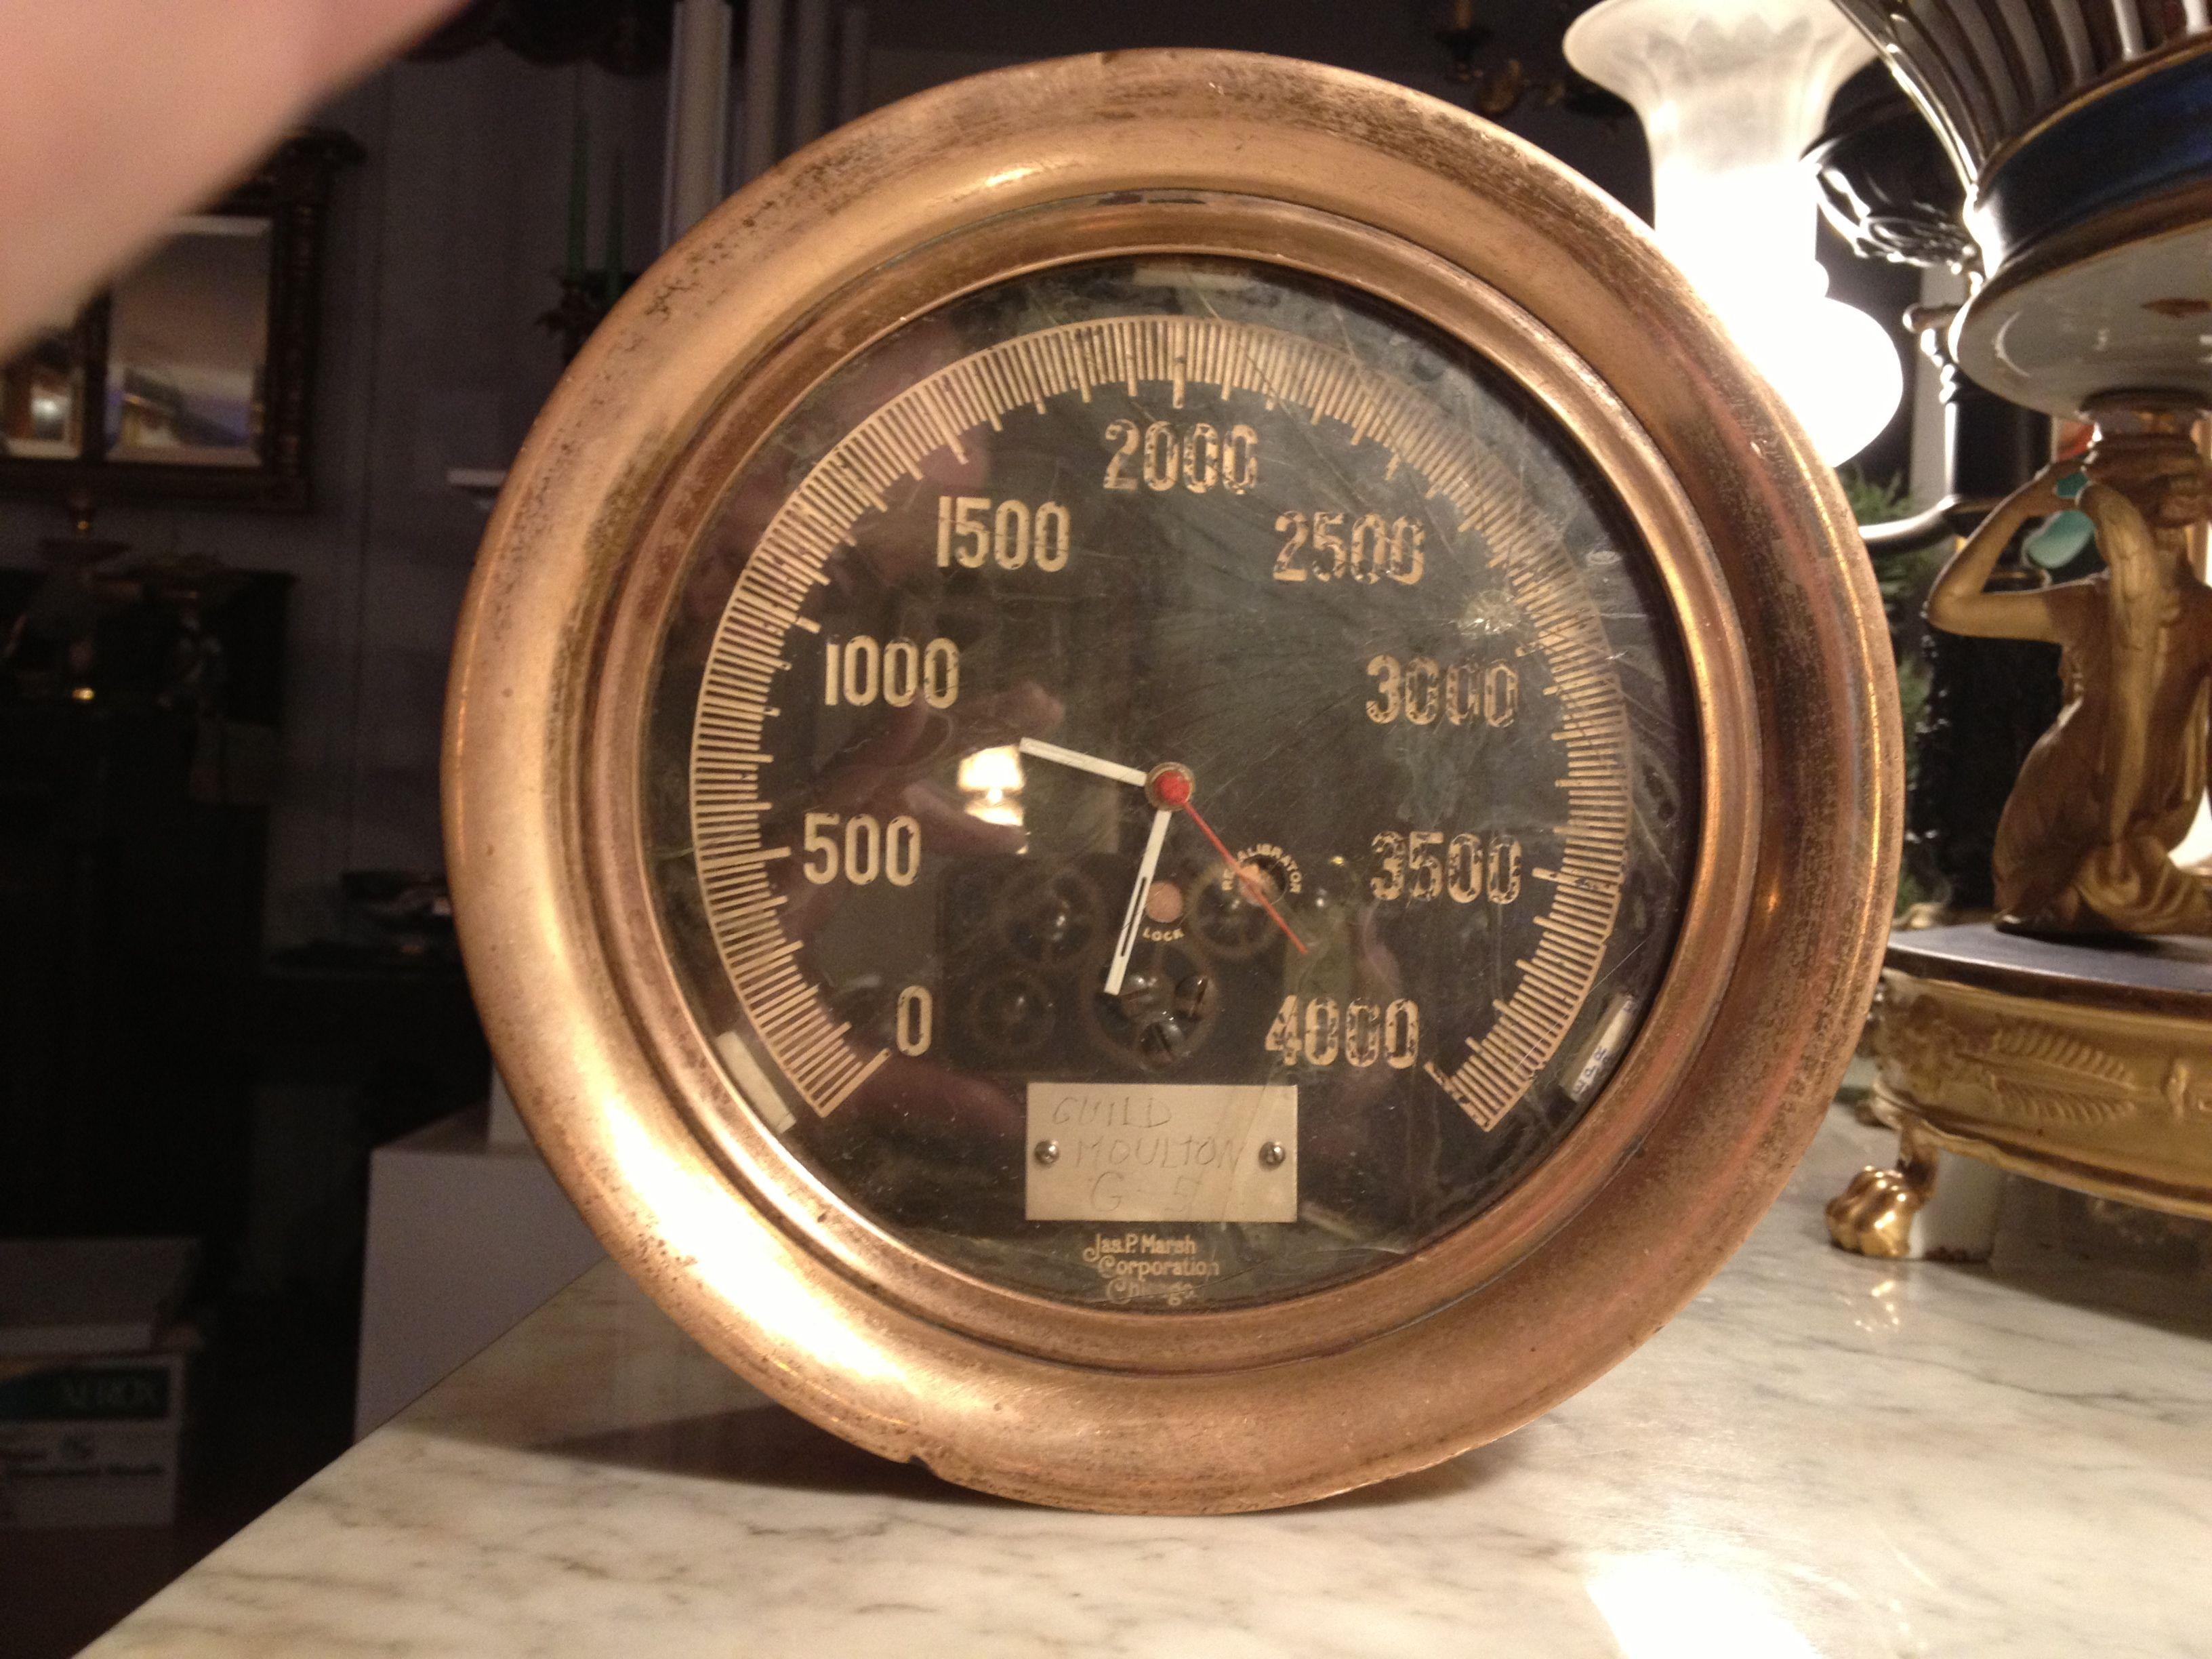 Pin by igearz steampunk on igearz steampunk pinterest - Steampunk pressure gauge ...